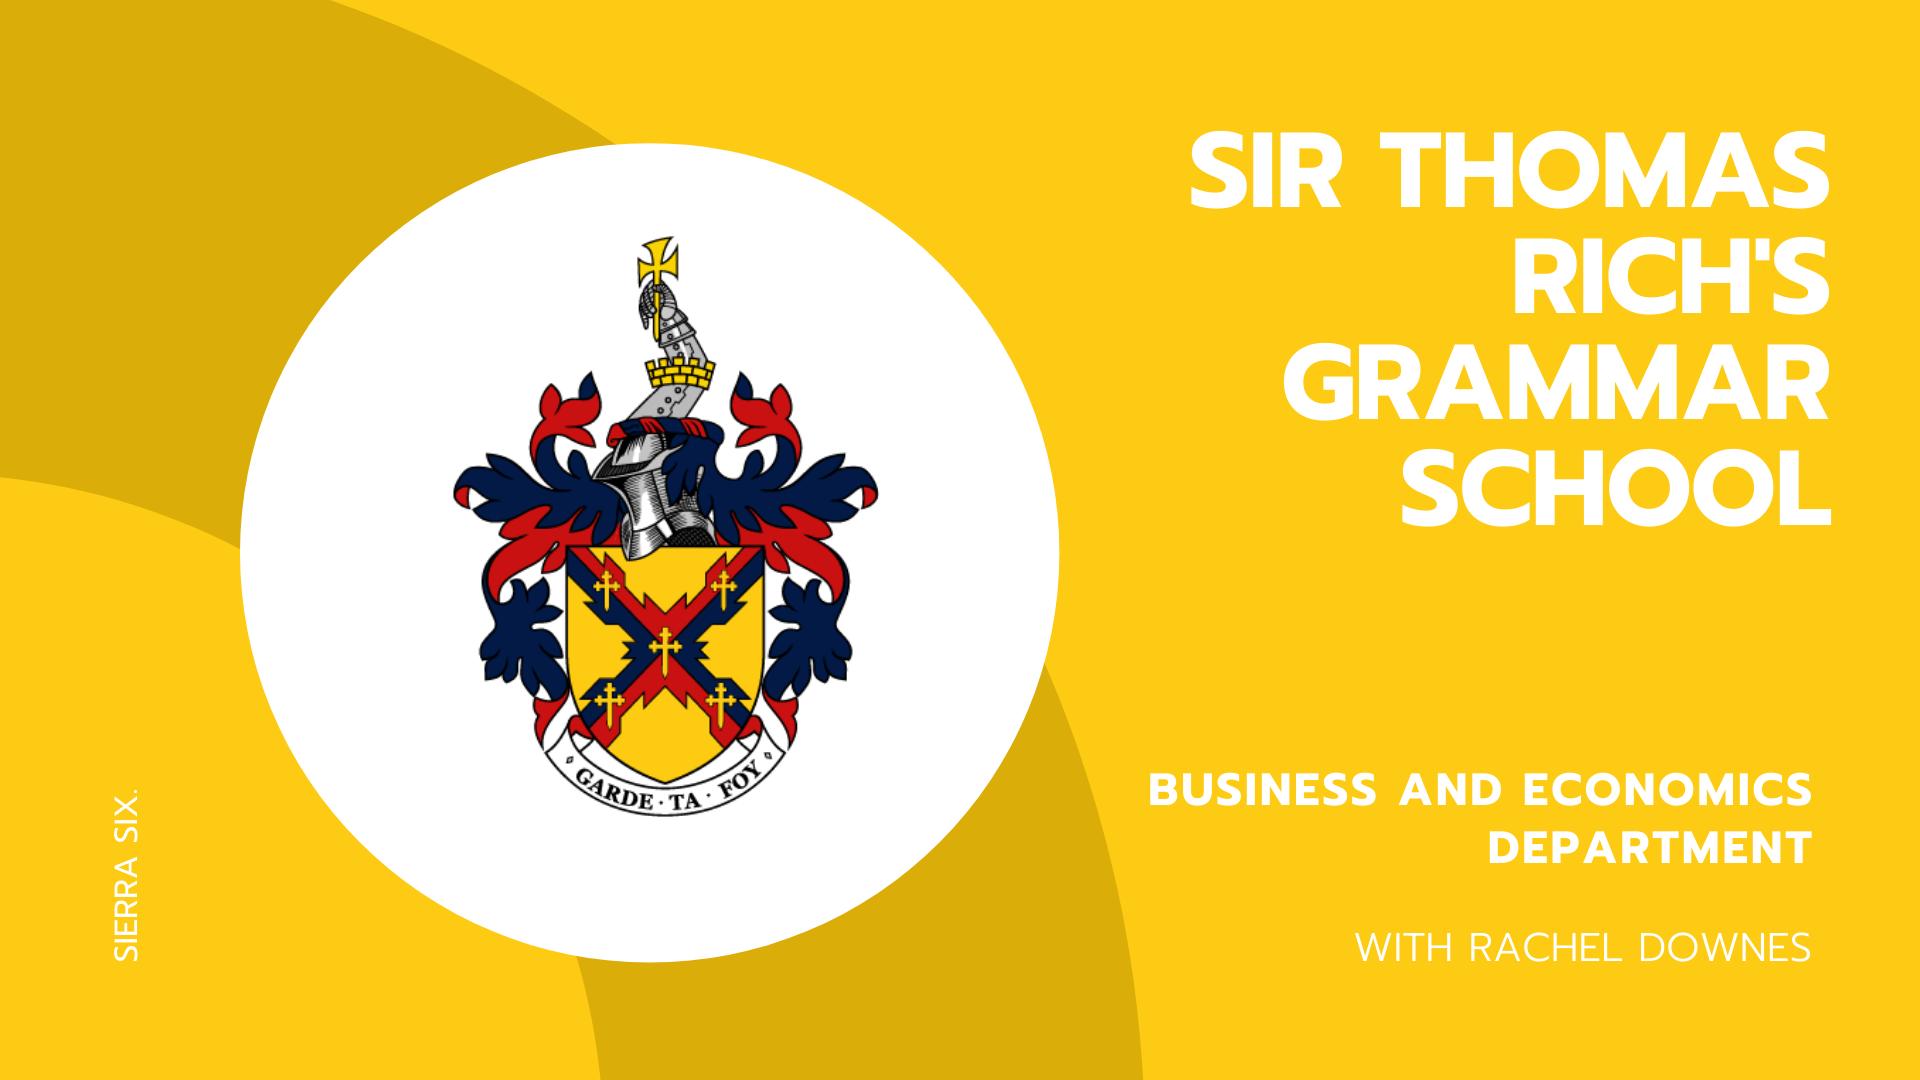 Sierra Six Media, SEO agency educational workshops: Sir Thomas Rich's Grammar School